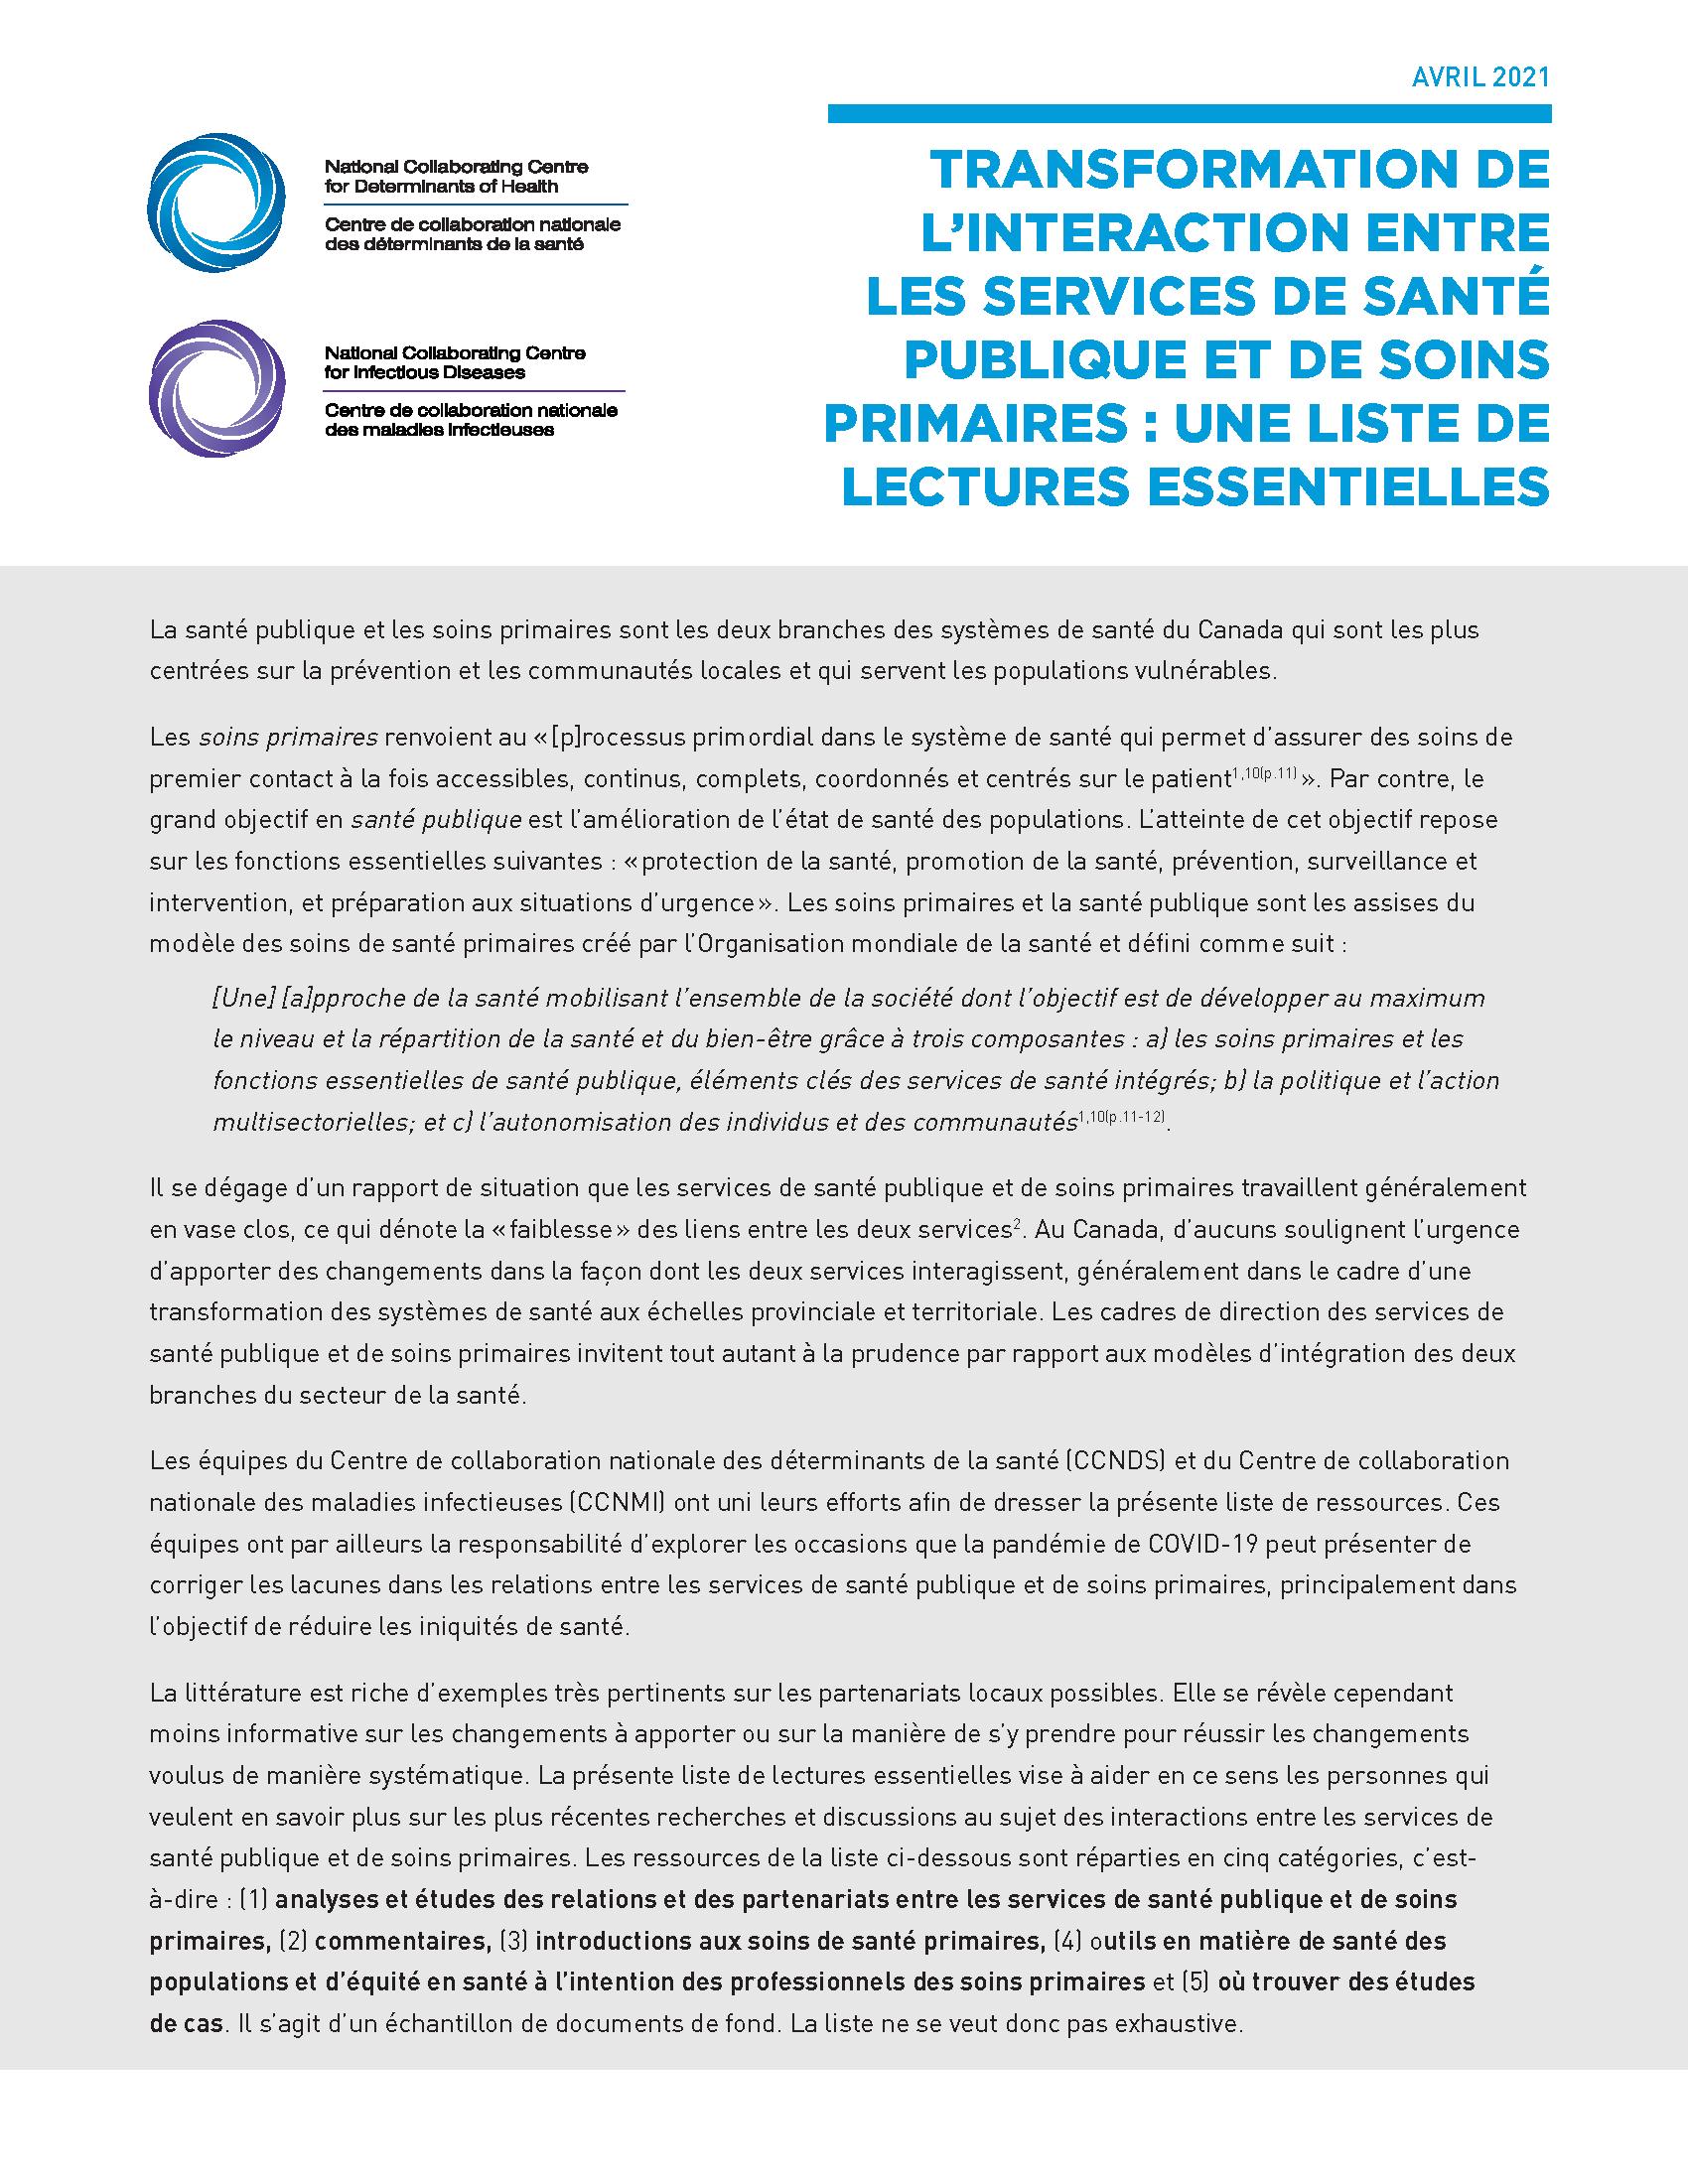 Transformation de l'interaction entre les services de santé publique et de soins primaires : une liste de lectures essentielles